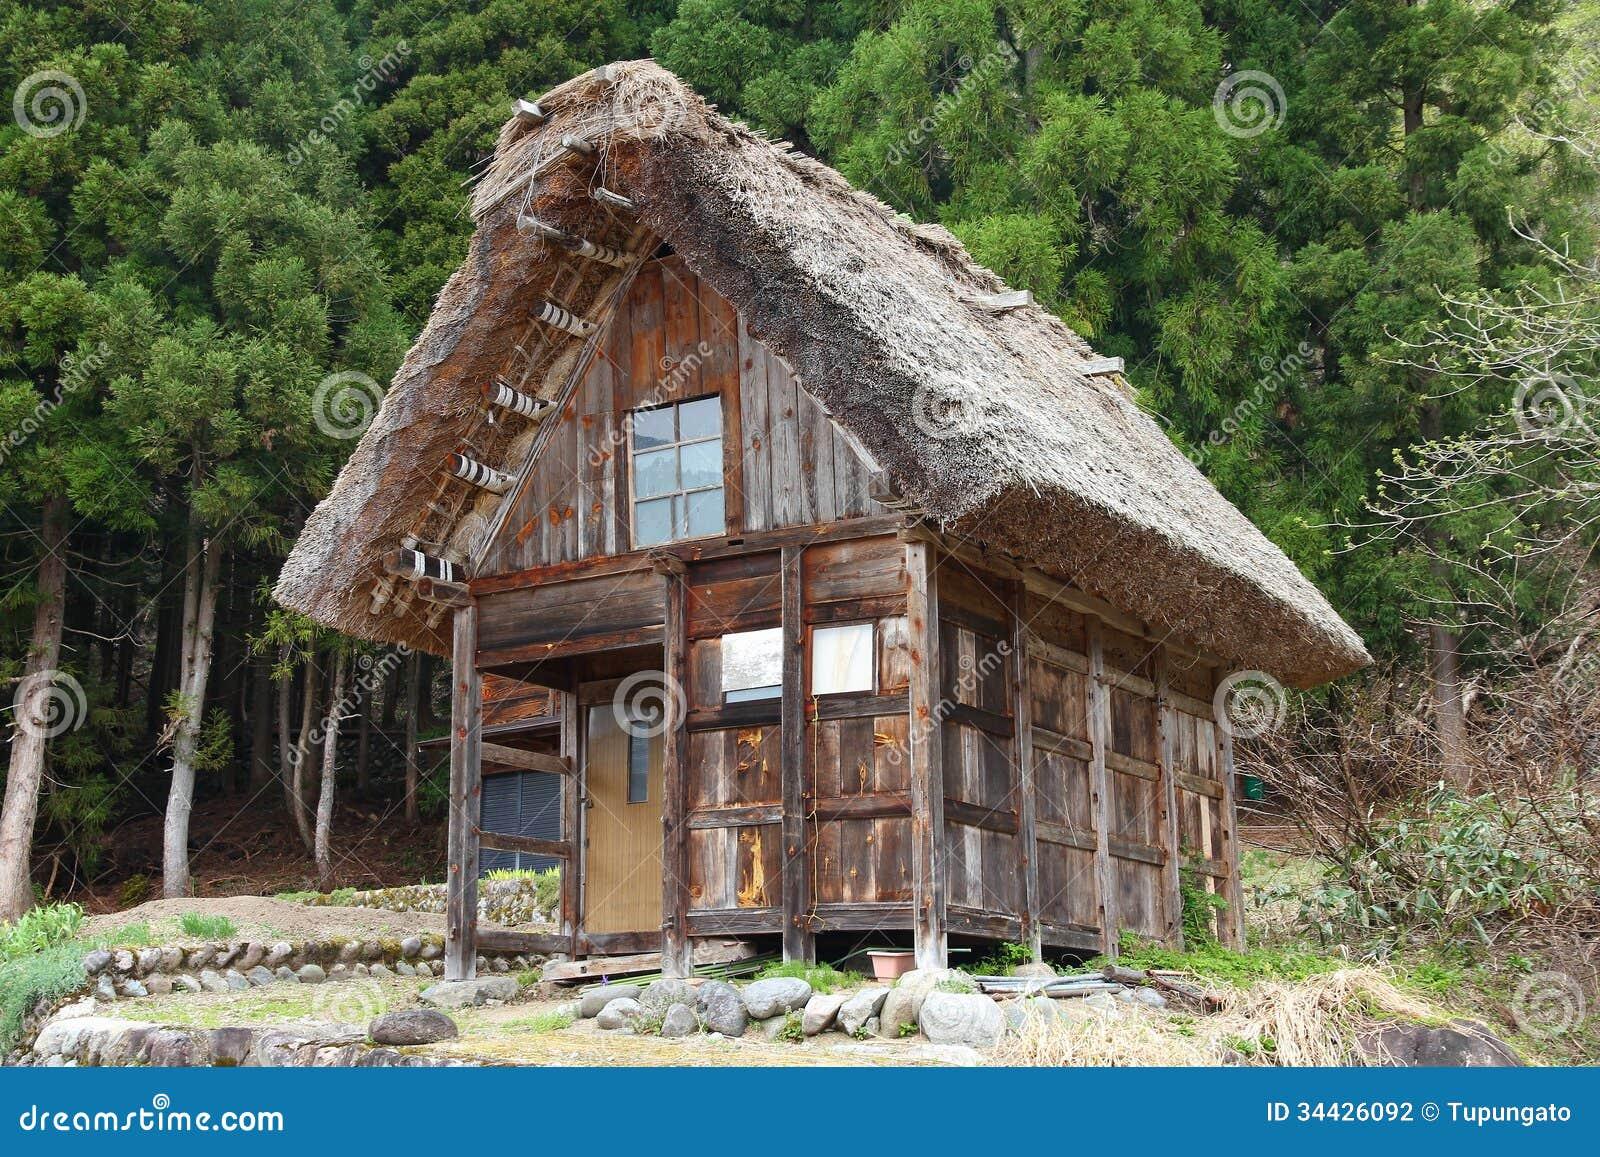 Japanese Village Stock Photography Image 34426092